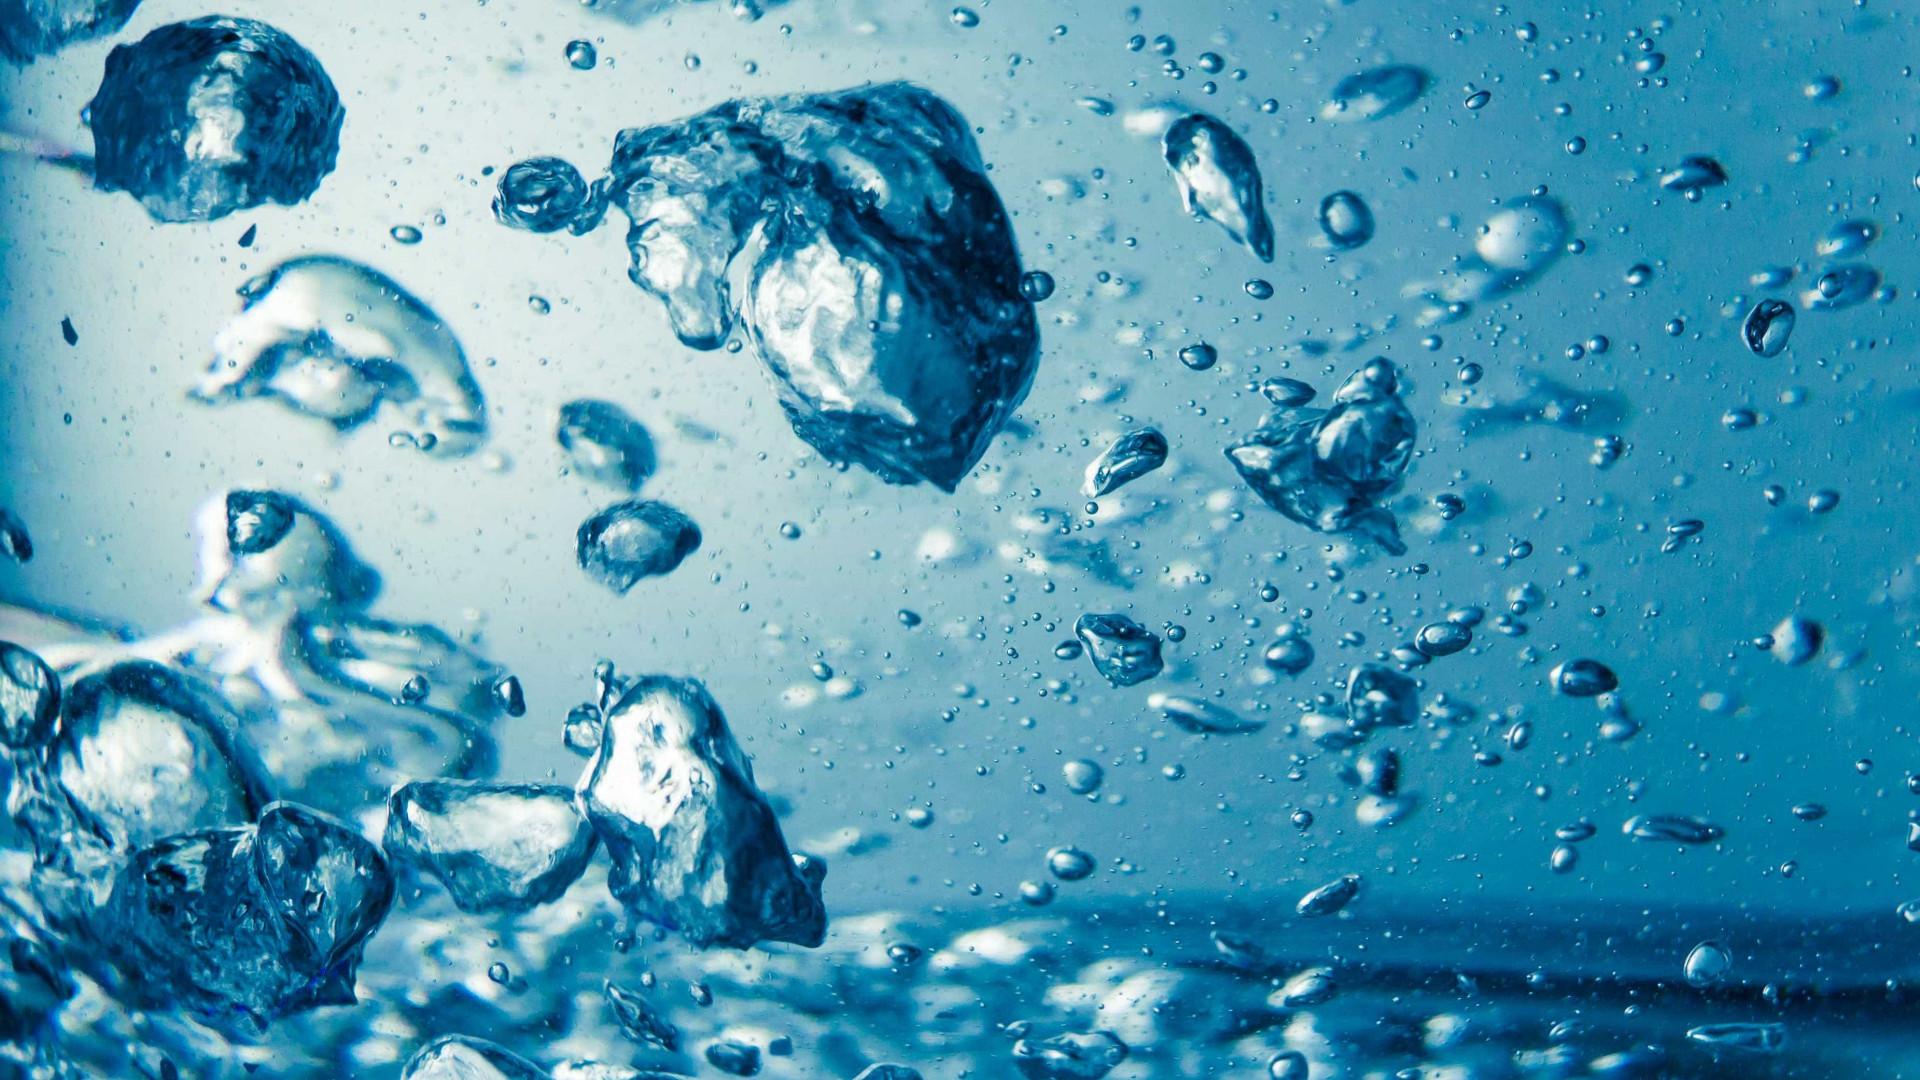 Pesquisadores flagram fenômeno 'mar fervente'